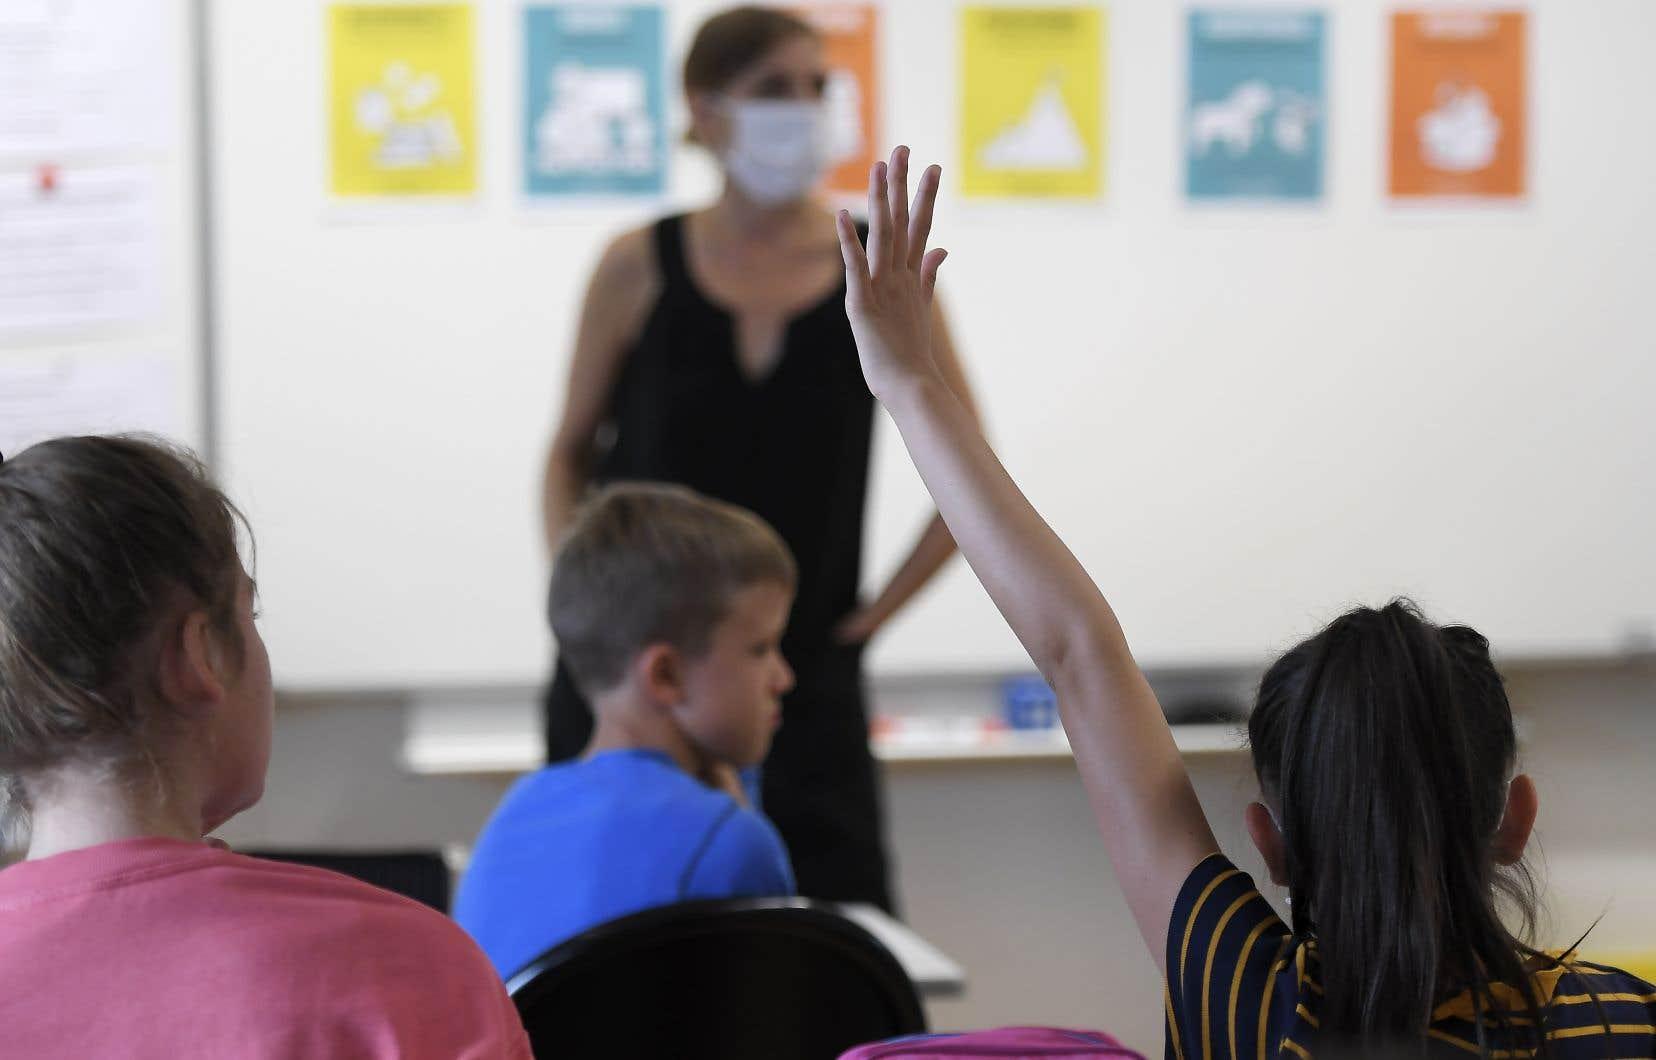 «Le risque de contracter la COVID-19 est deux fois et demie moins élevé dans une salle de cours où deux purificateurs sont en fonction», écritJosiane Cossette.